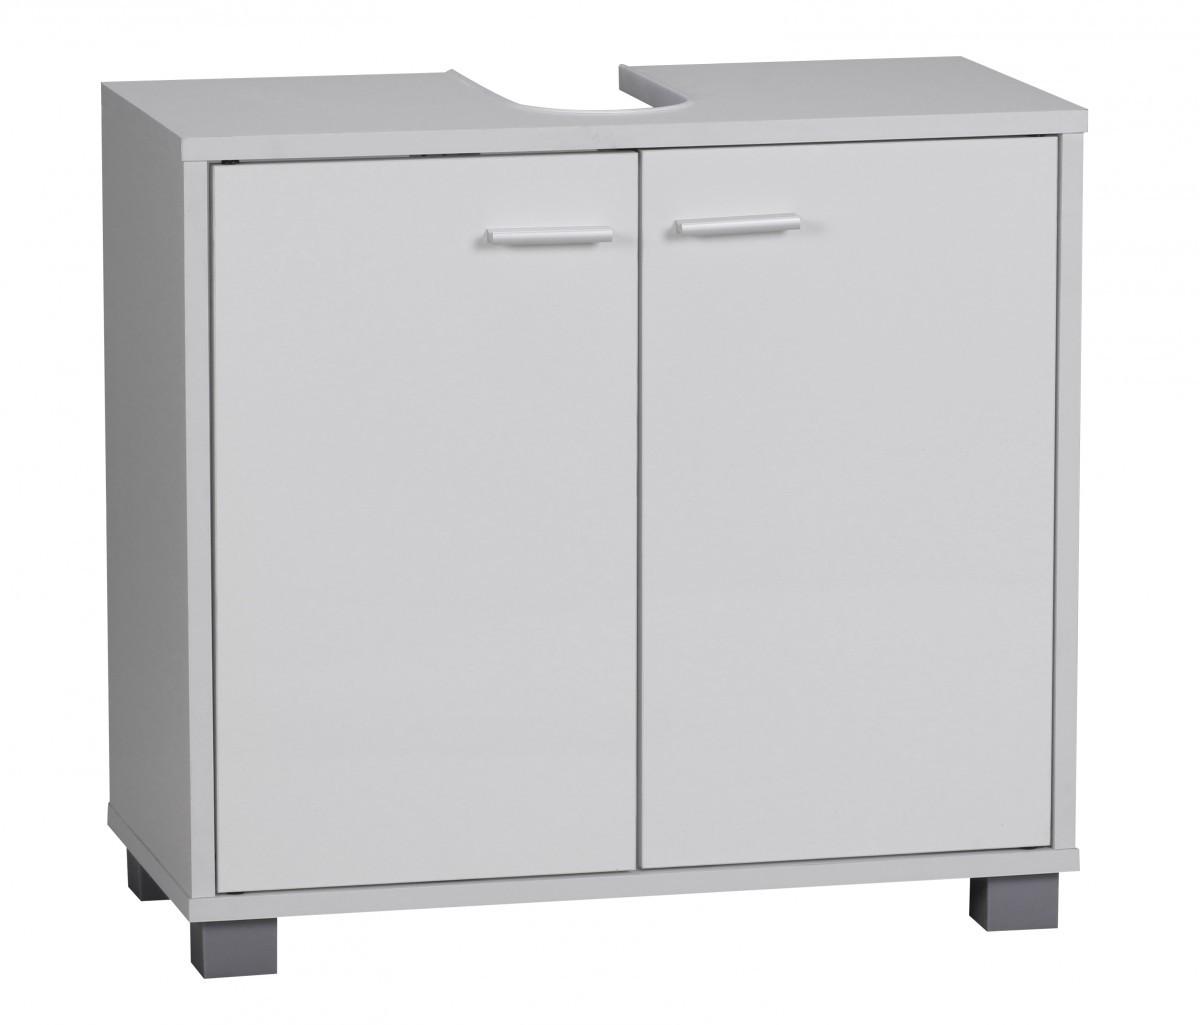 finebuy bad waschbecken unterschrank 60 x 55 x 30 cm 2 t ren kommode wei neu. Black Bedroom Furniture Sets. Home Design Ideas